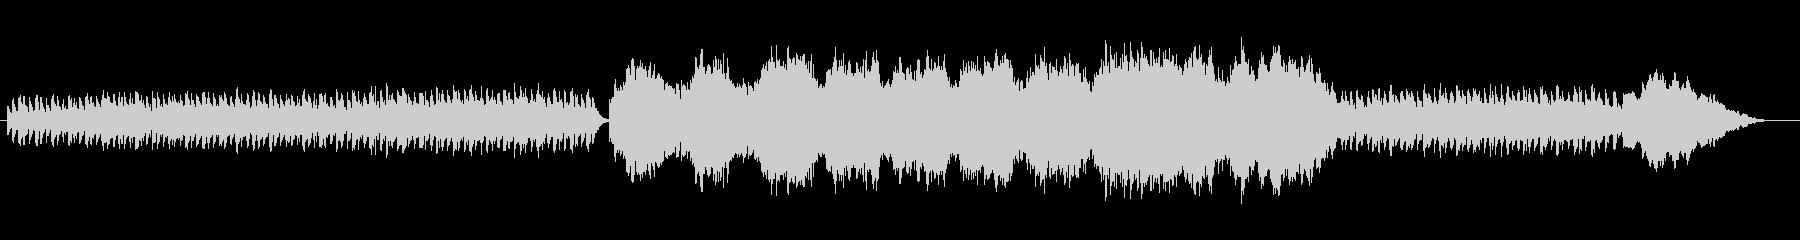 ハープとストリングスの穏やかな曲の未再生の波形